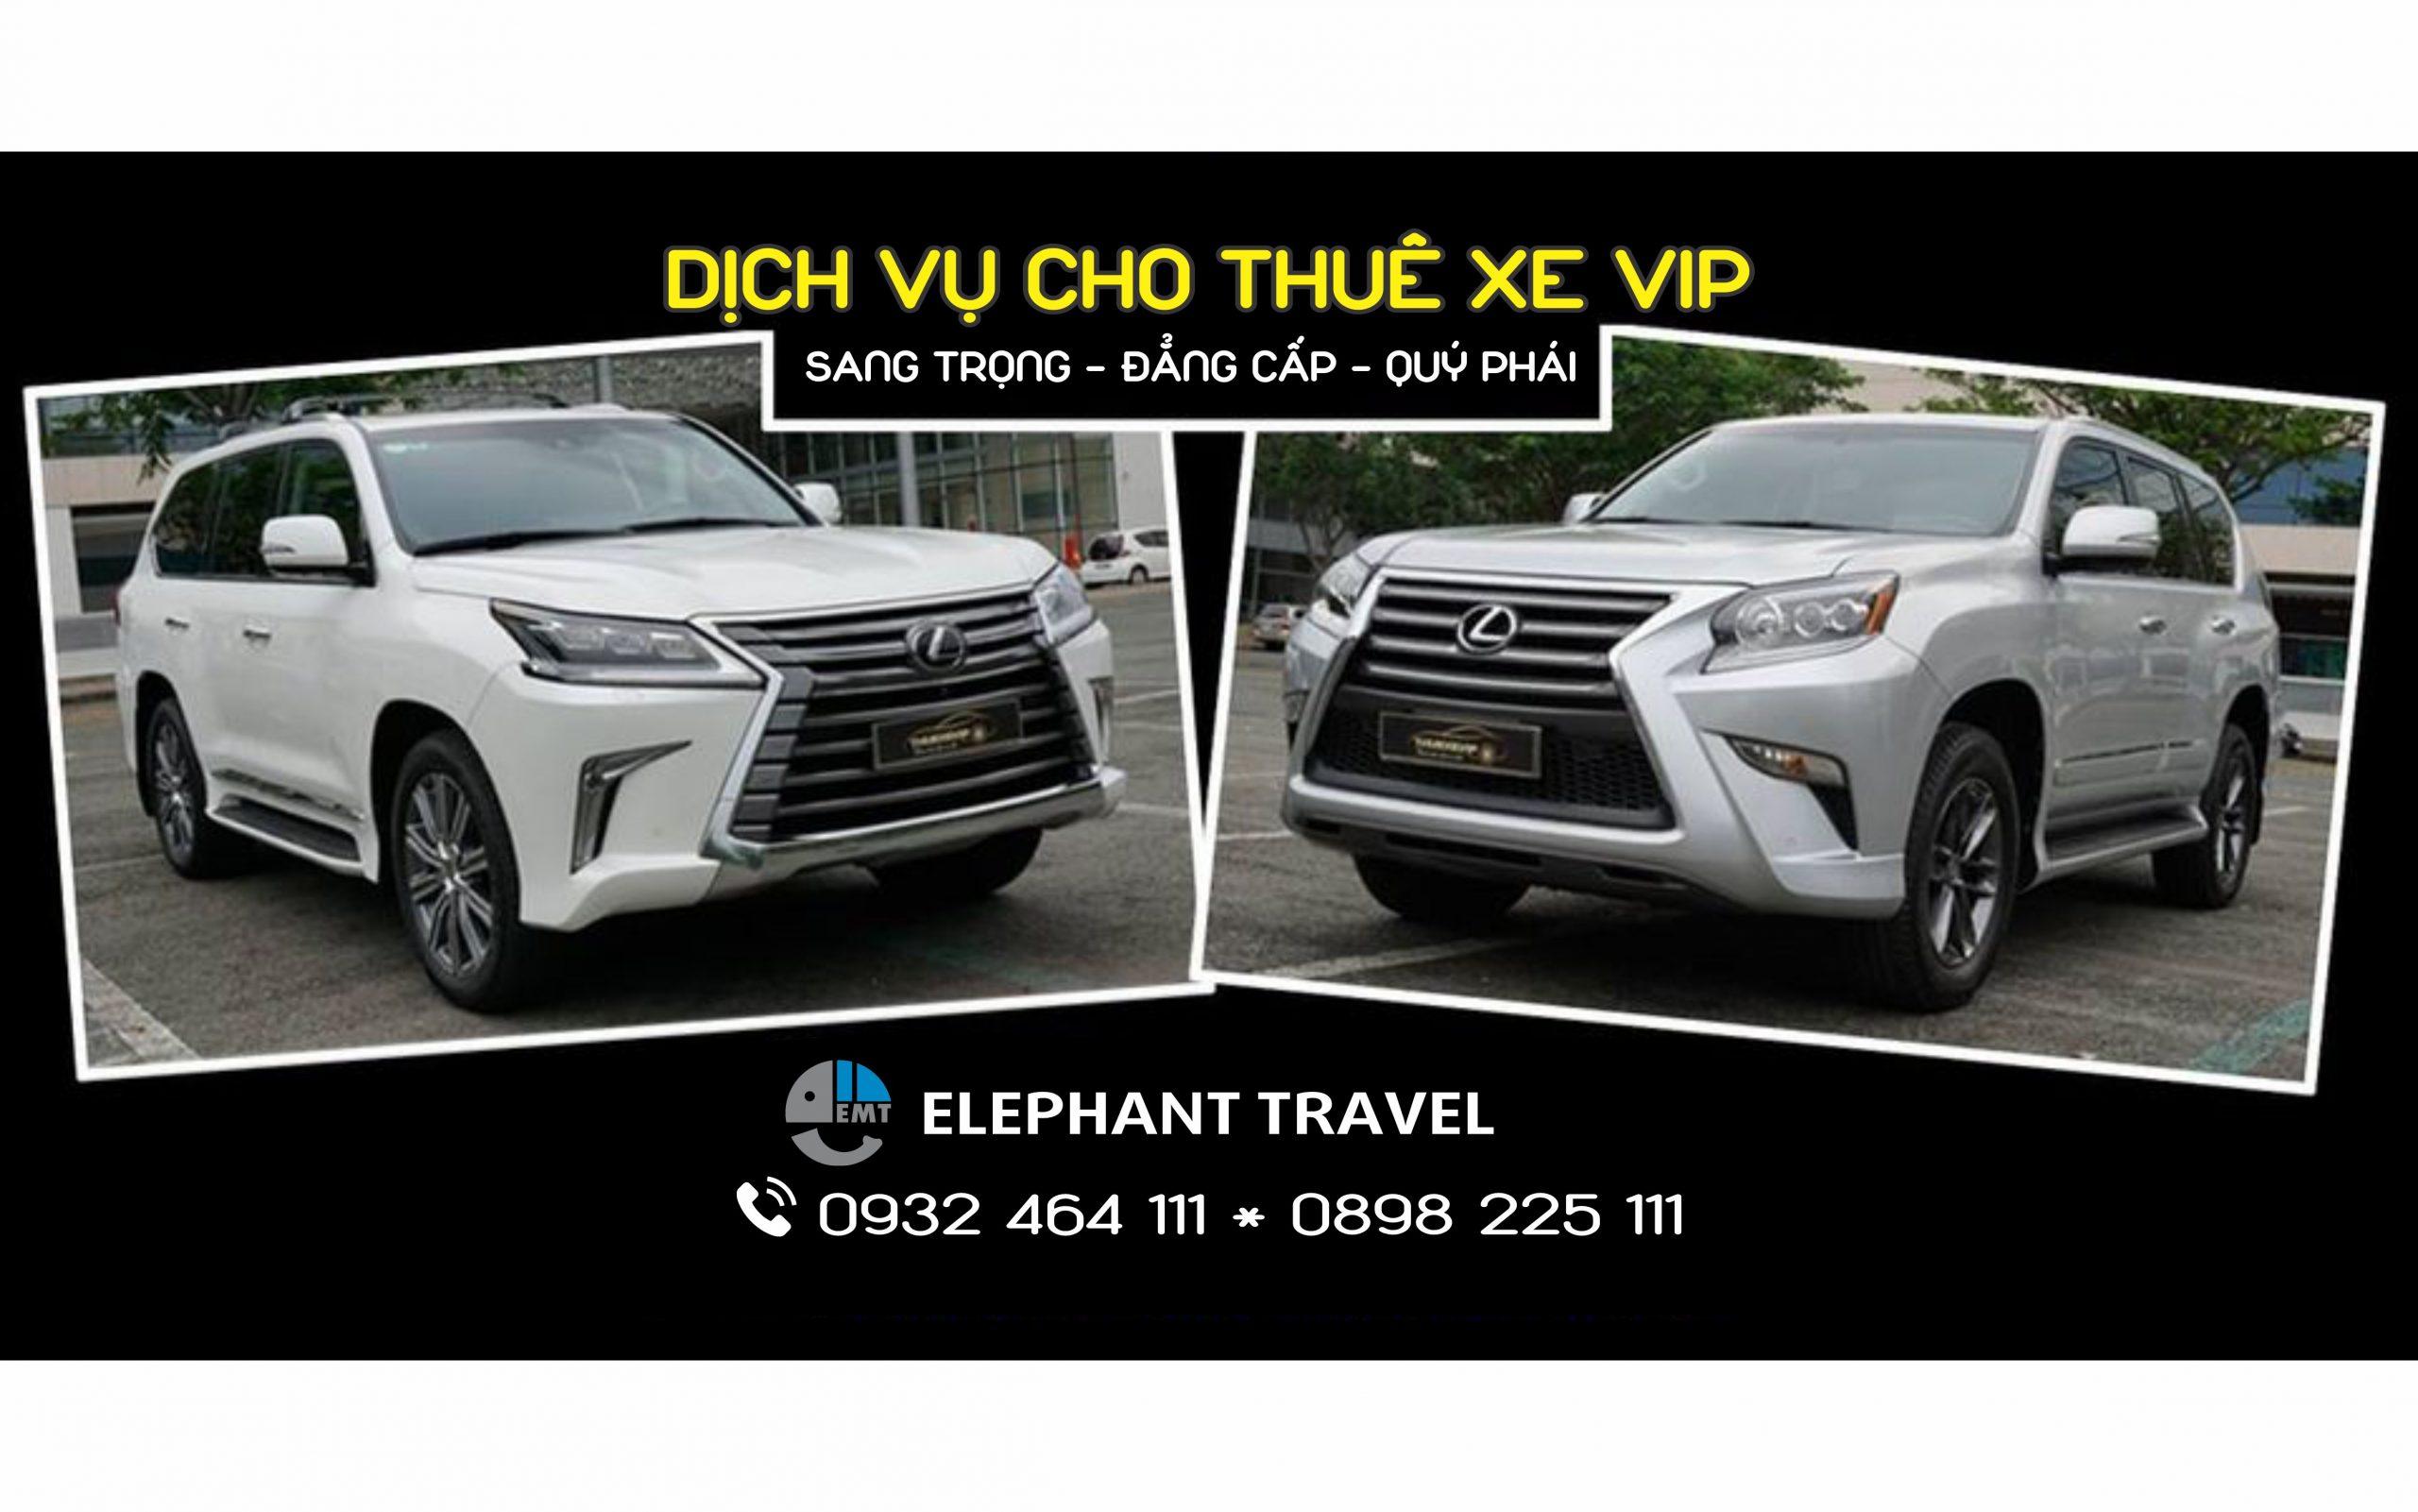 Dịch vụ thuê xe VIP đón tiễn sân bay Huế – Sang trọng – Đẳng cấp – Quý phái